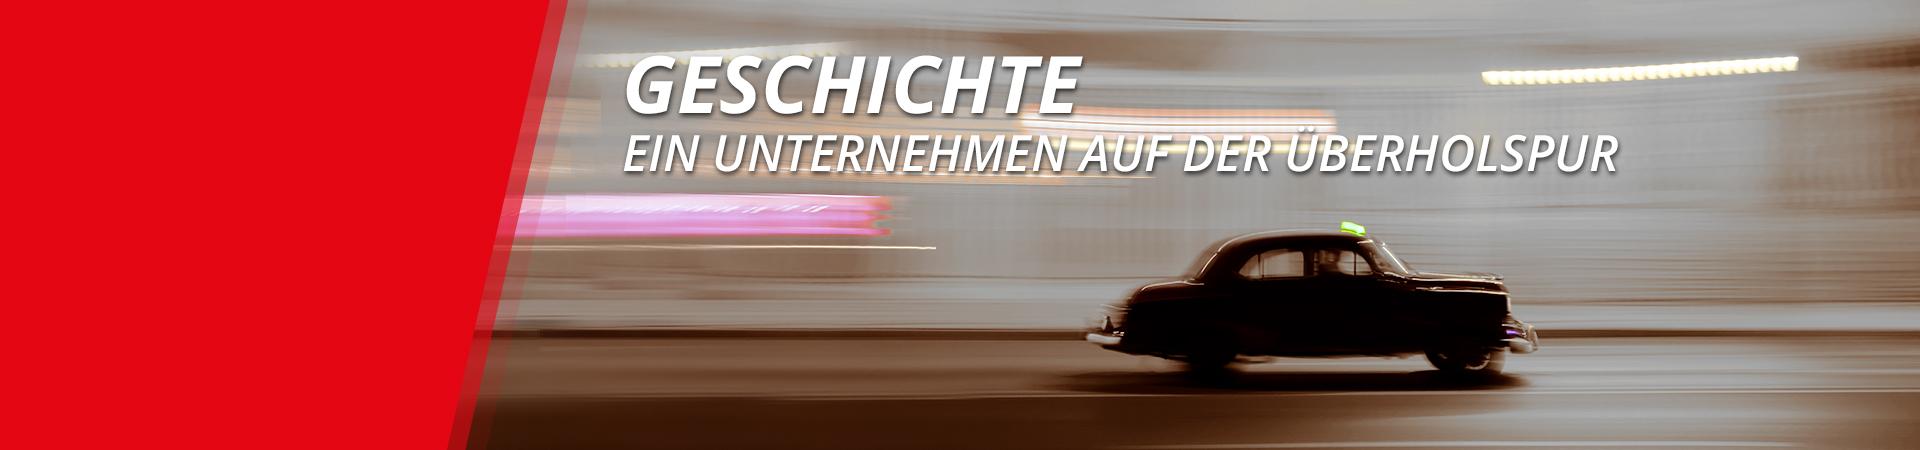 First Stop Ihr Shop Fur Reifen Kfz Services Und Mehr